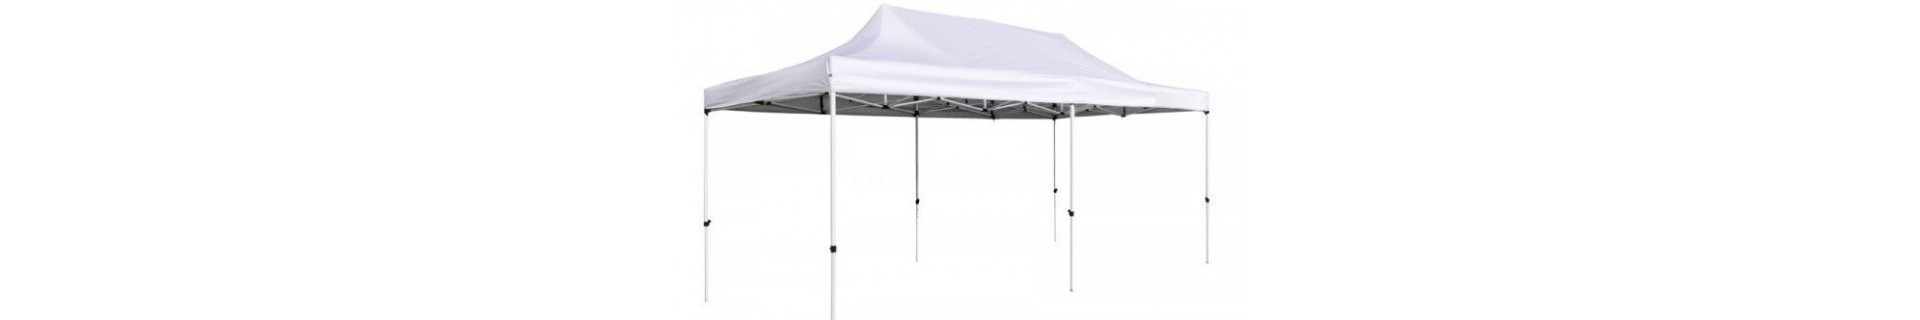 Vente de tente pliante imperméable